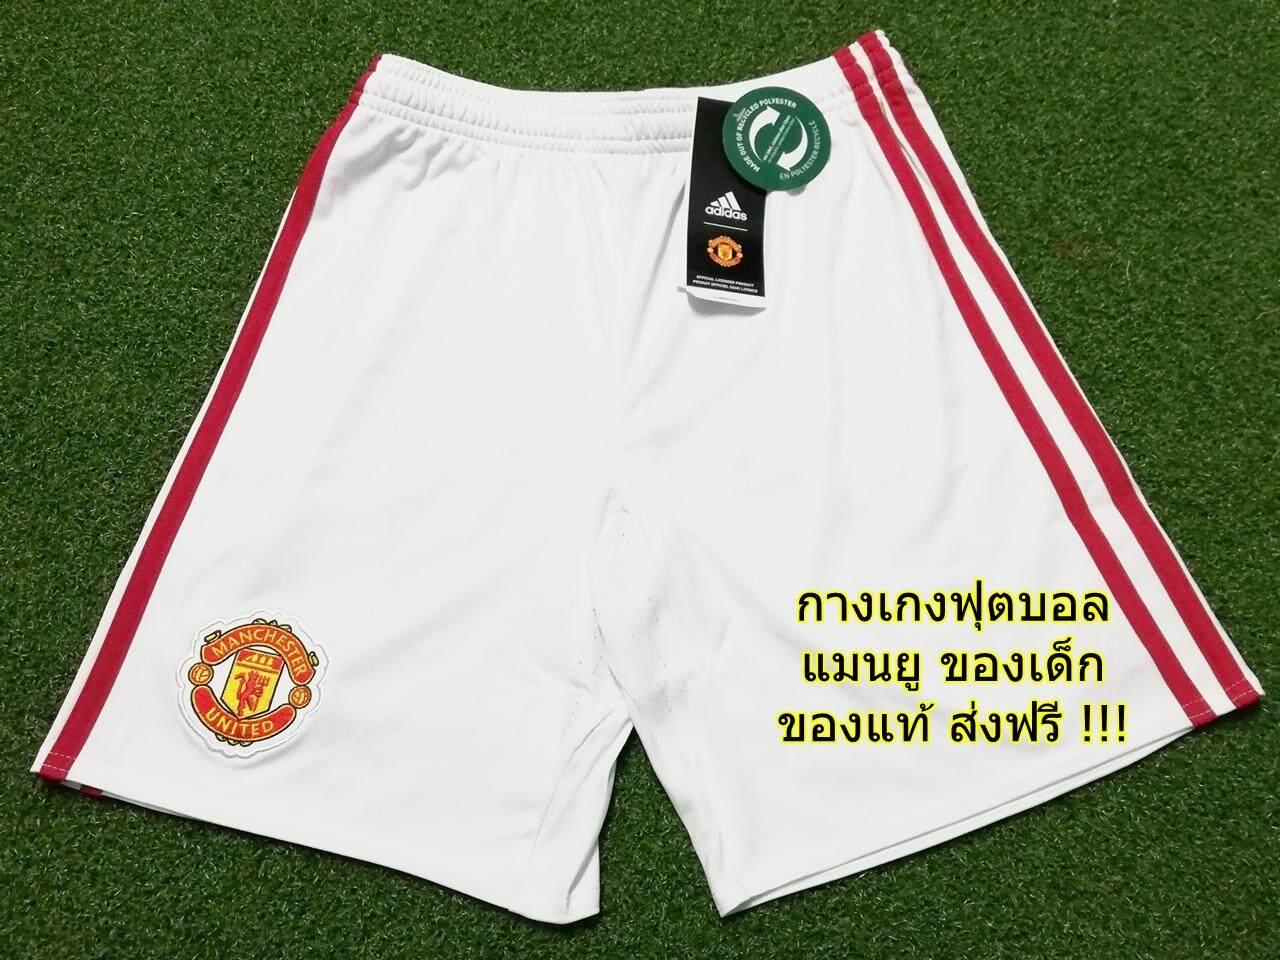 กางเกงฟุตบอล เด็ก สโมสร แมนยู แมนเชสเตอร์ยูไนเต็ด สีขาว Adidas Football Manchester United Short Youth 2016-17 ของแท้ ส่งฟรี.